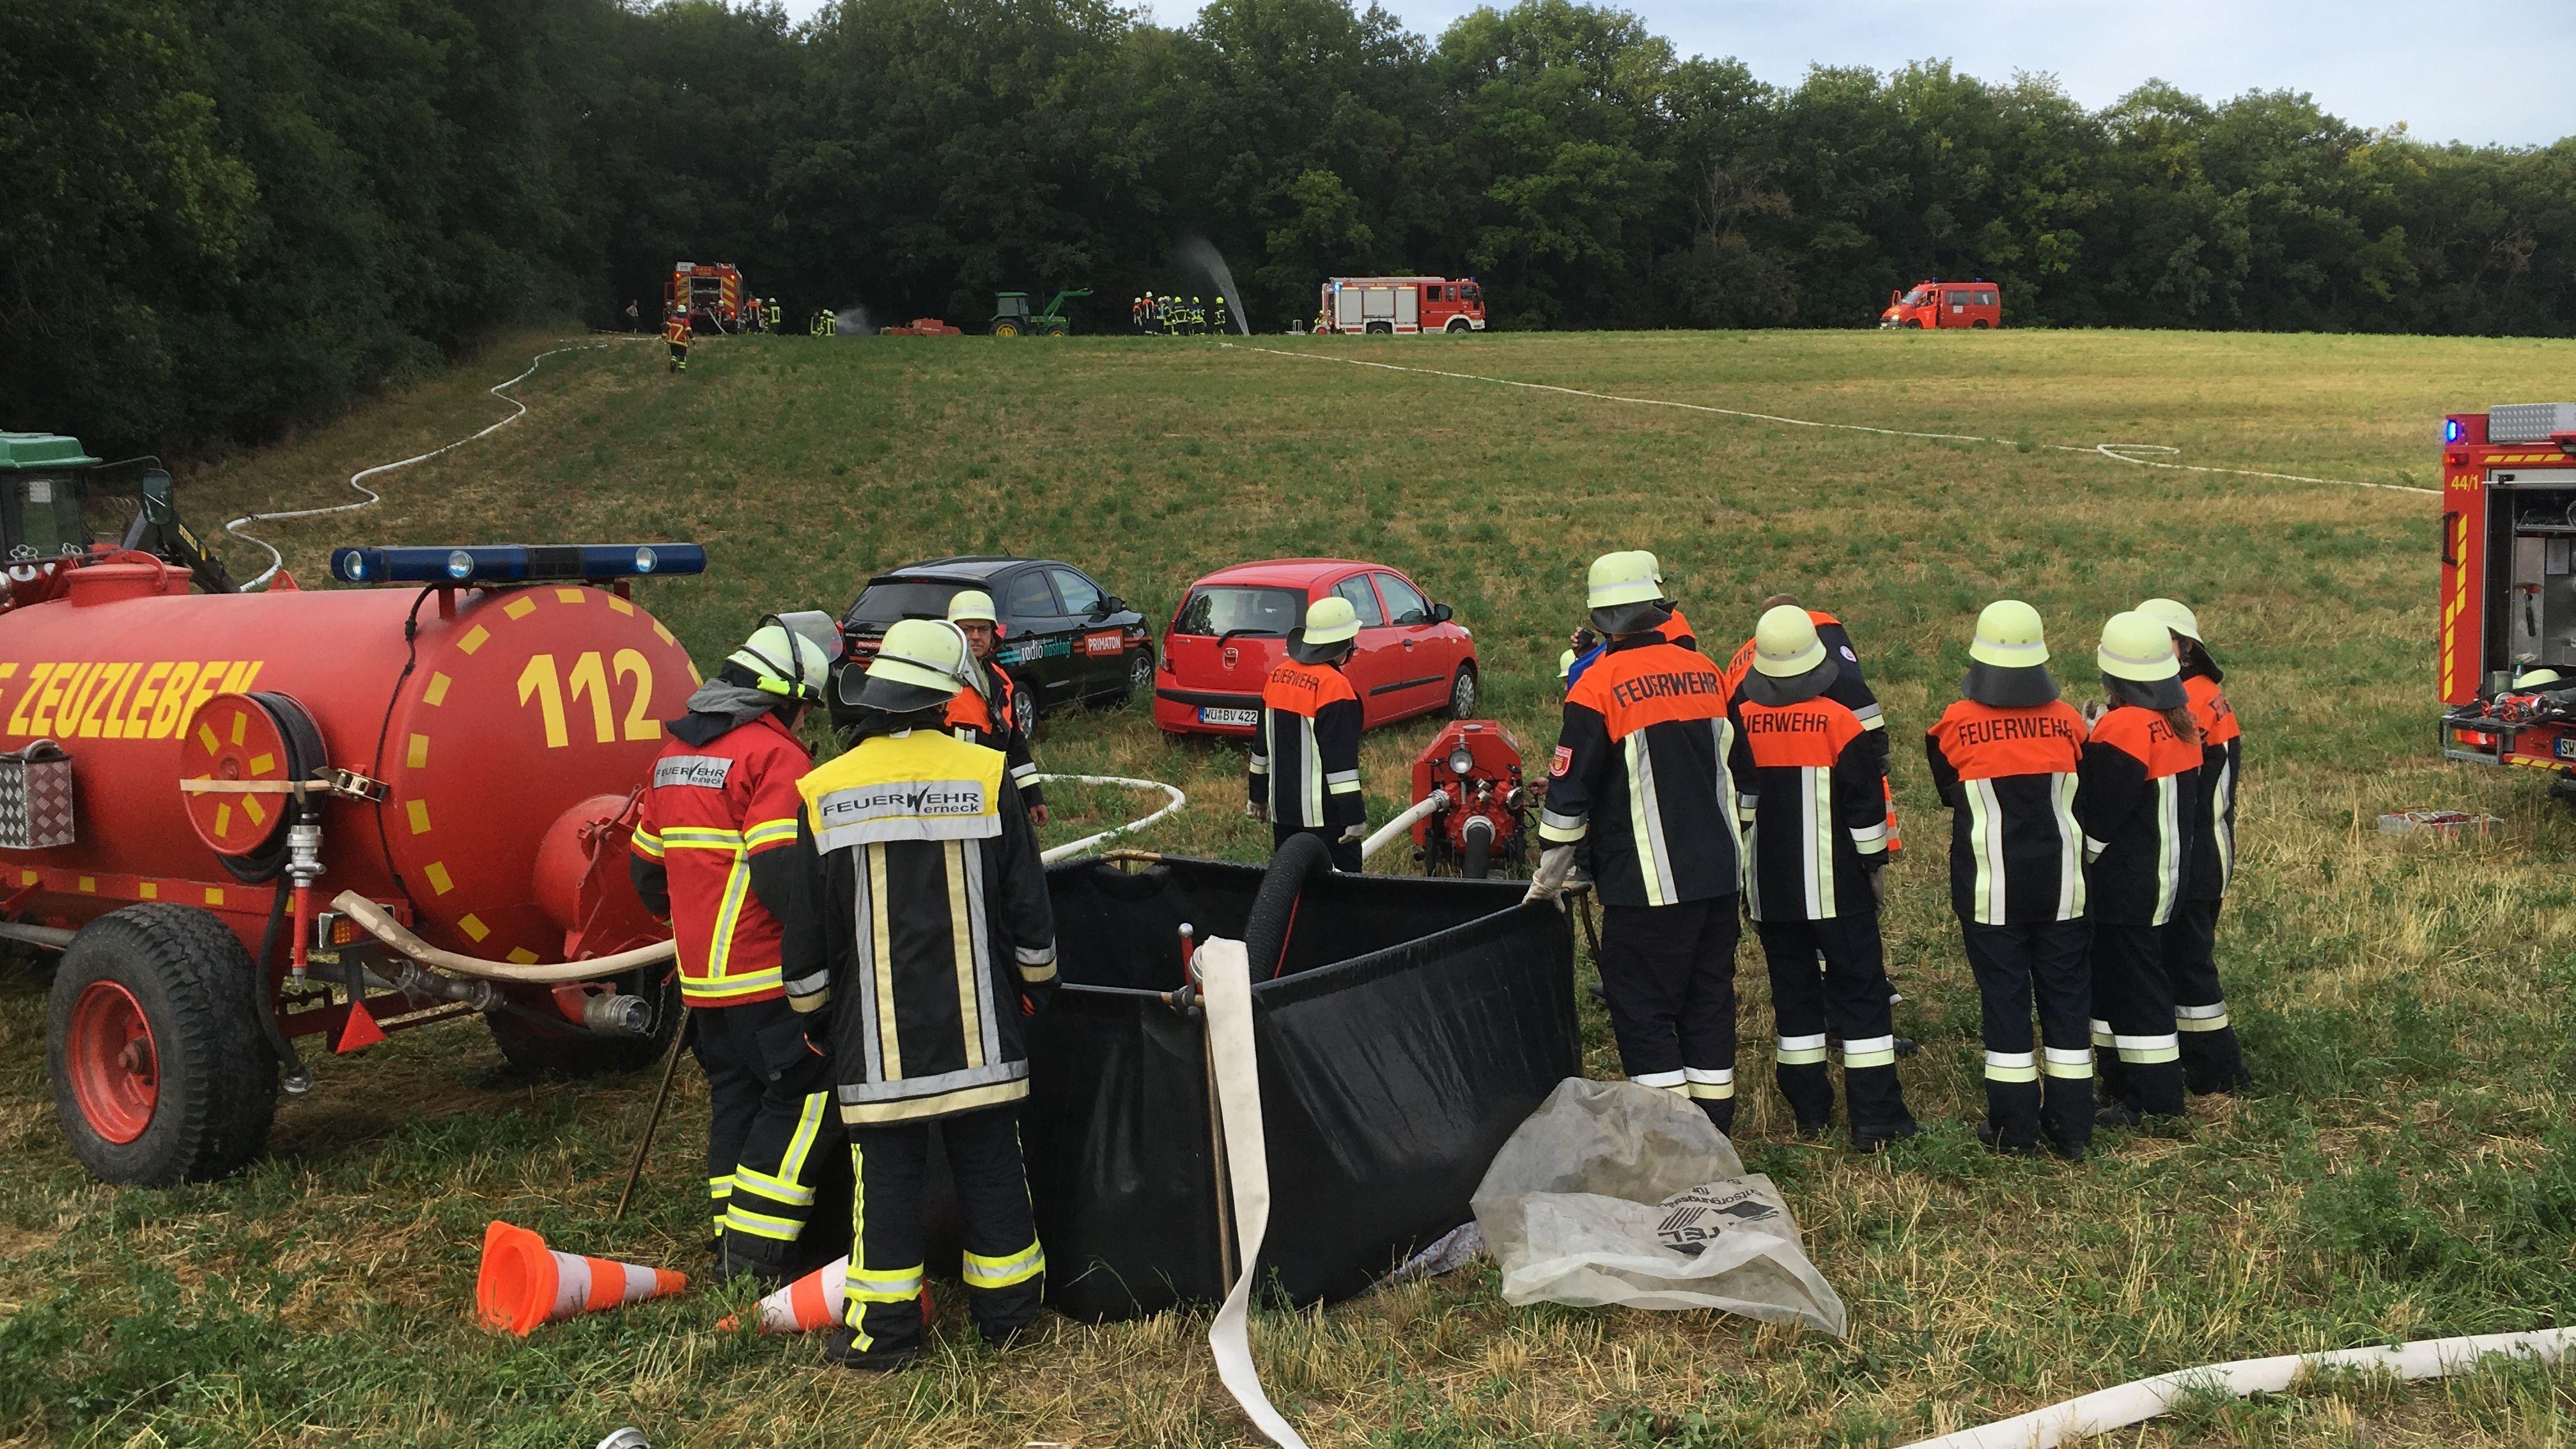 120 Feuerwehrleute üben Waldbrand-Einsatz in Werneck